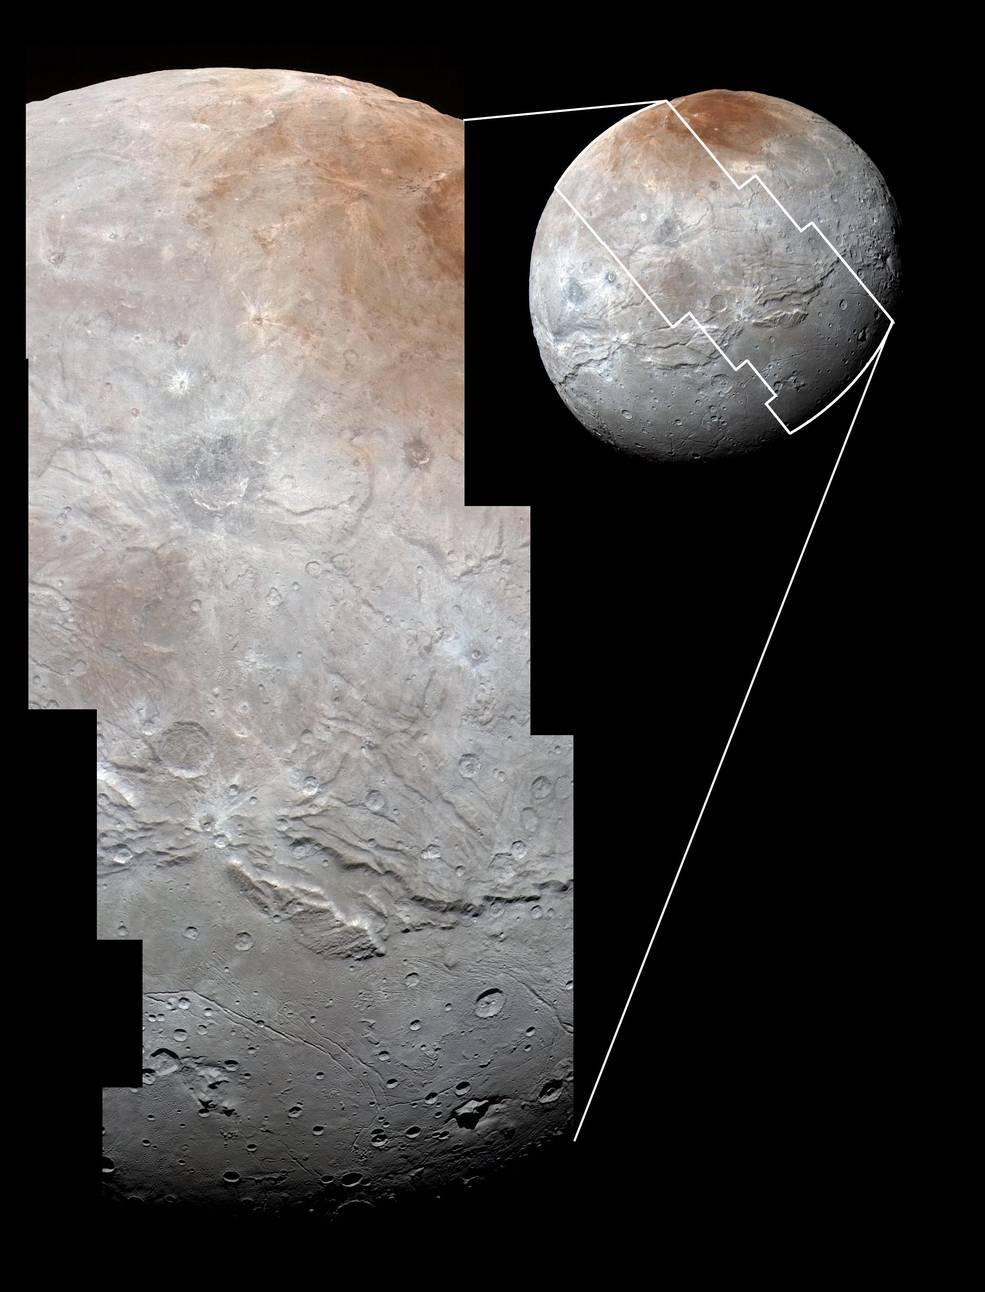 «Каньон» на Хароне, спутнике Плутона представляет собой гигантский разлом коры - 2